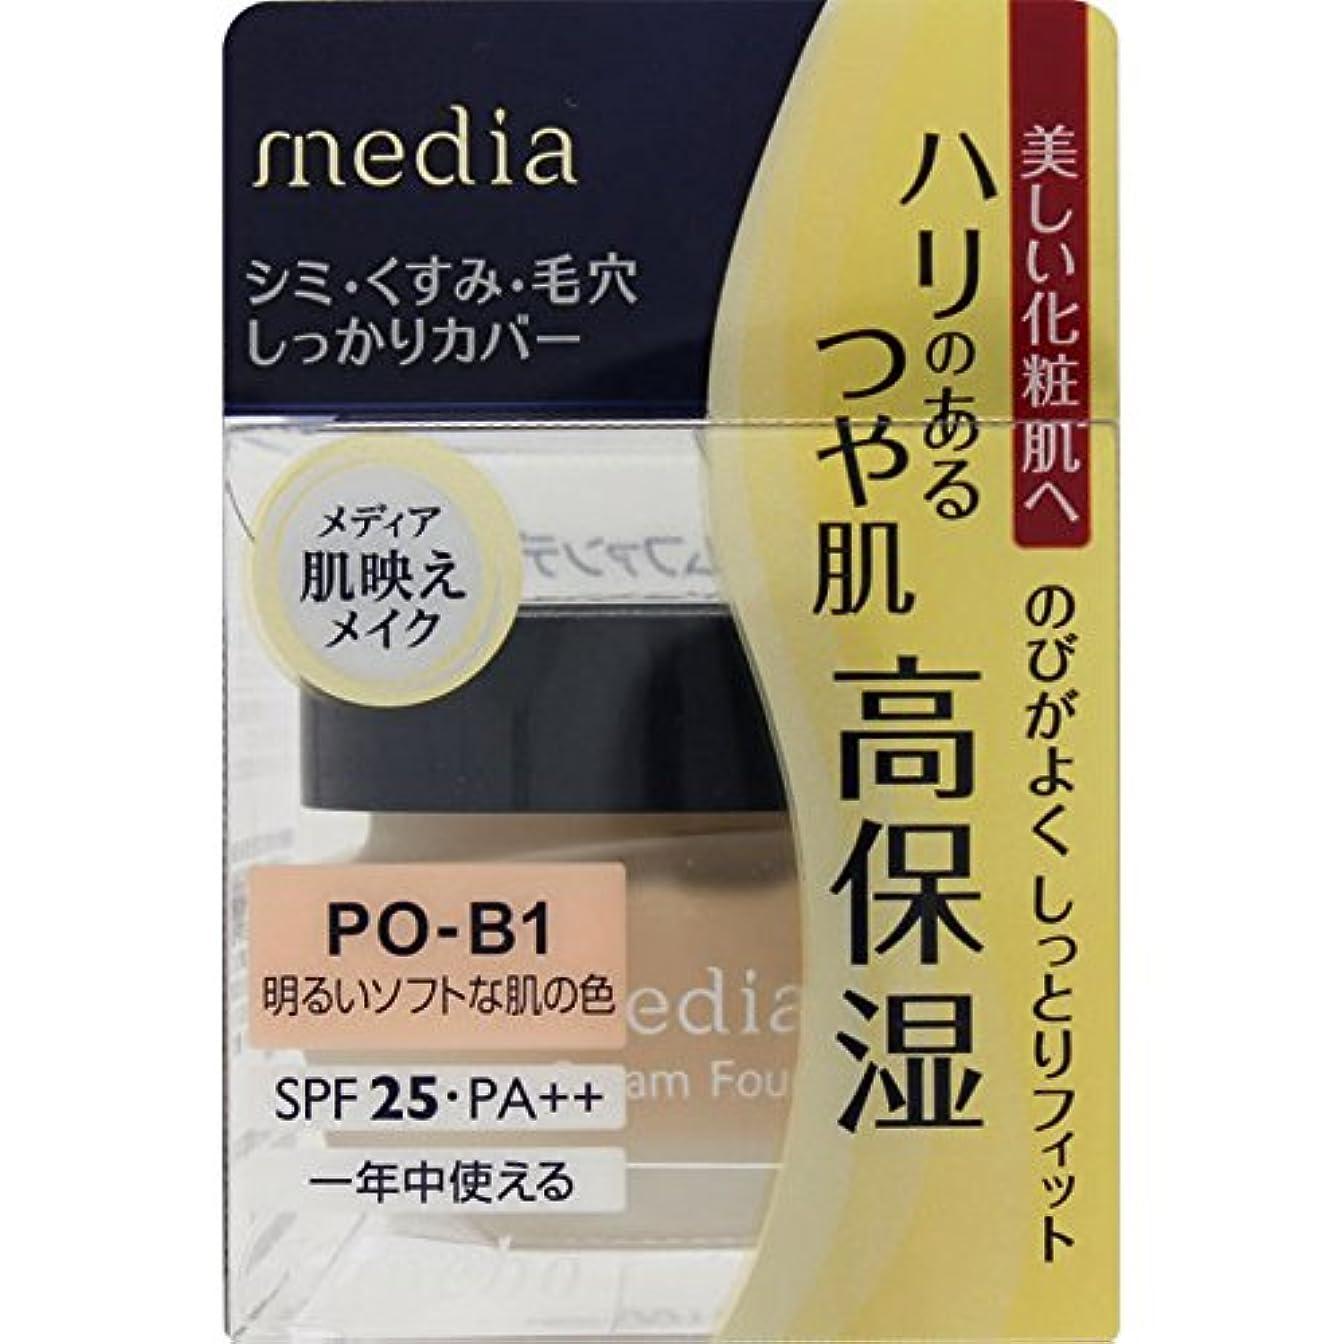 つかの間ボリュームかりてカネボウ化粧品 メディア クリームファンデーション 明るいソフトな肌の色 POーB1